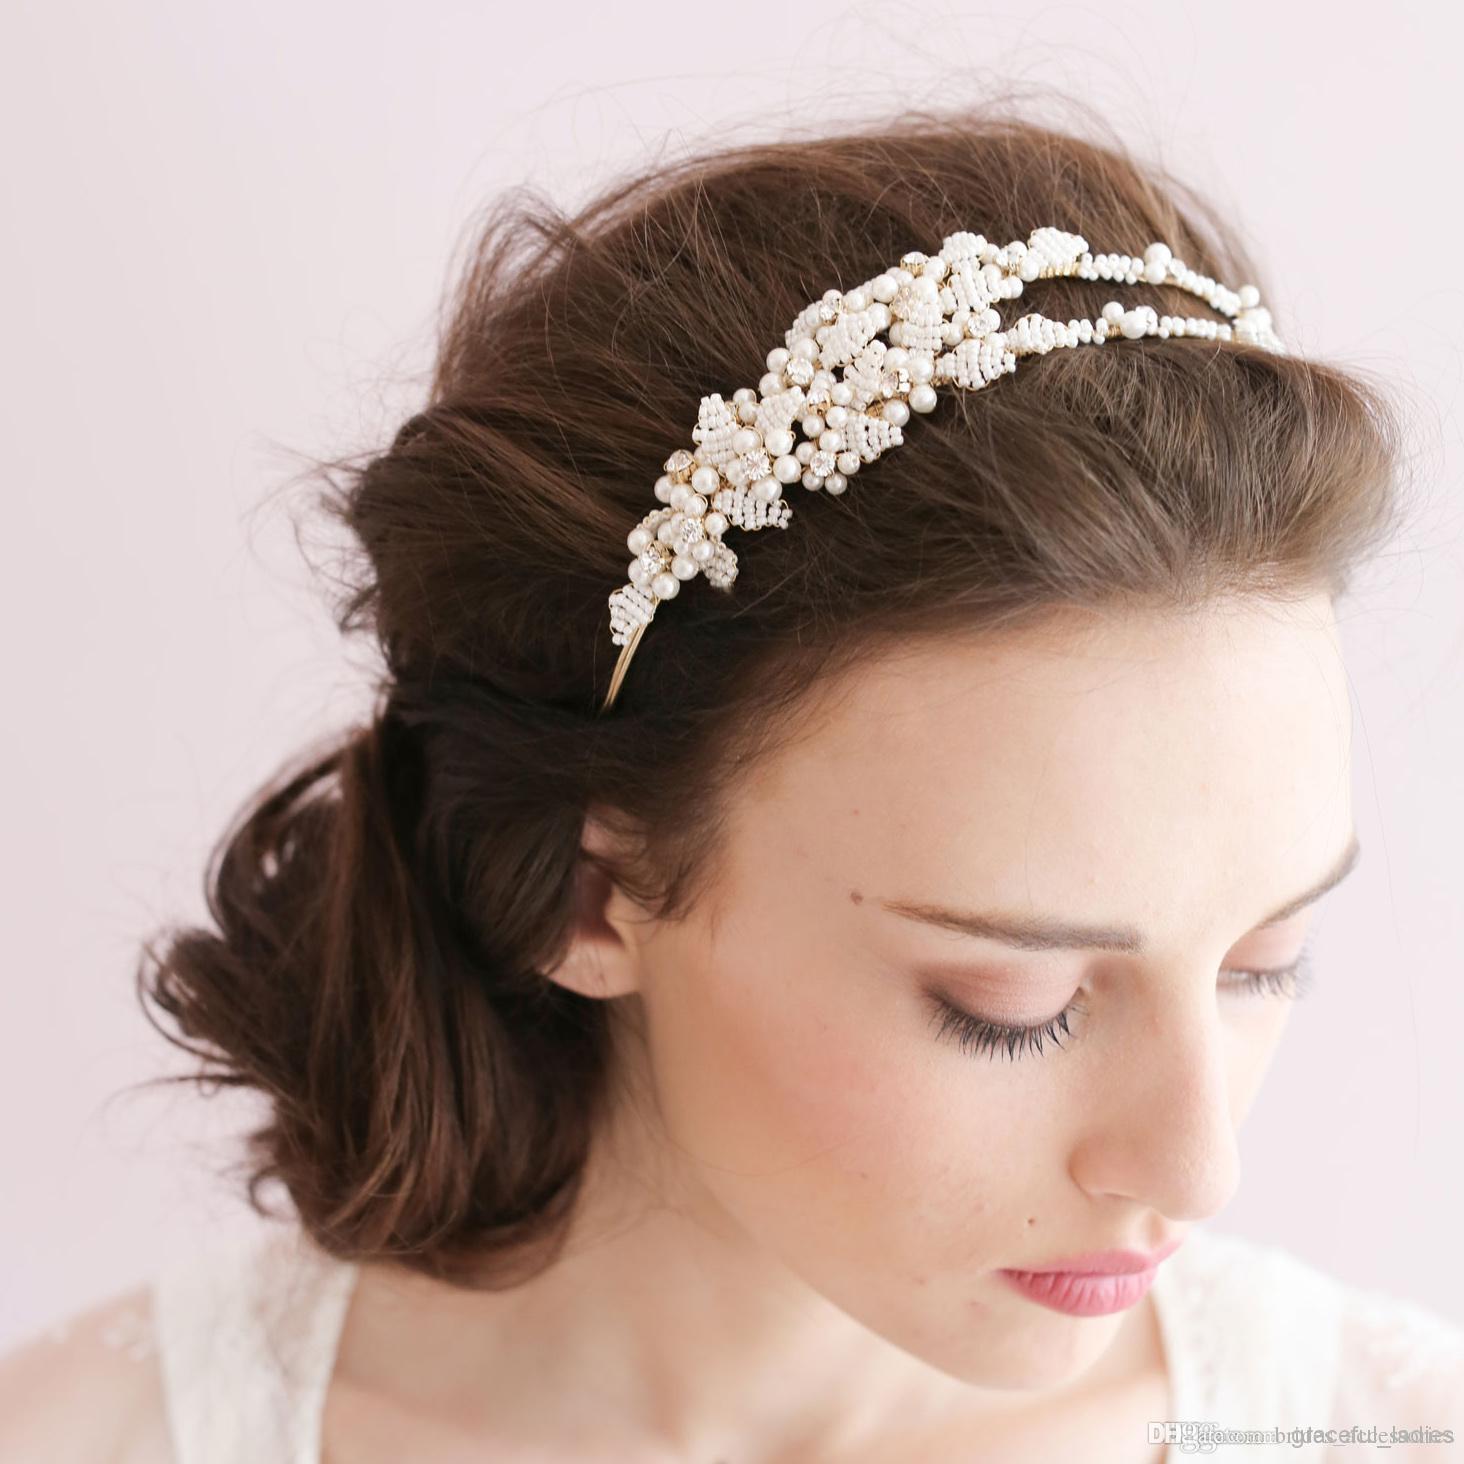 Tiny Perle Feuilles Double bandeau Coiffeuse Couleur de mariée Headpiece de mariée Perles Headpiece Bride Accessoires Hair Accessoires Heapeces